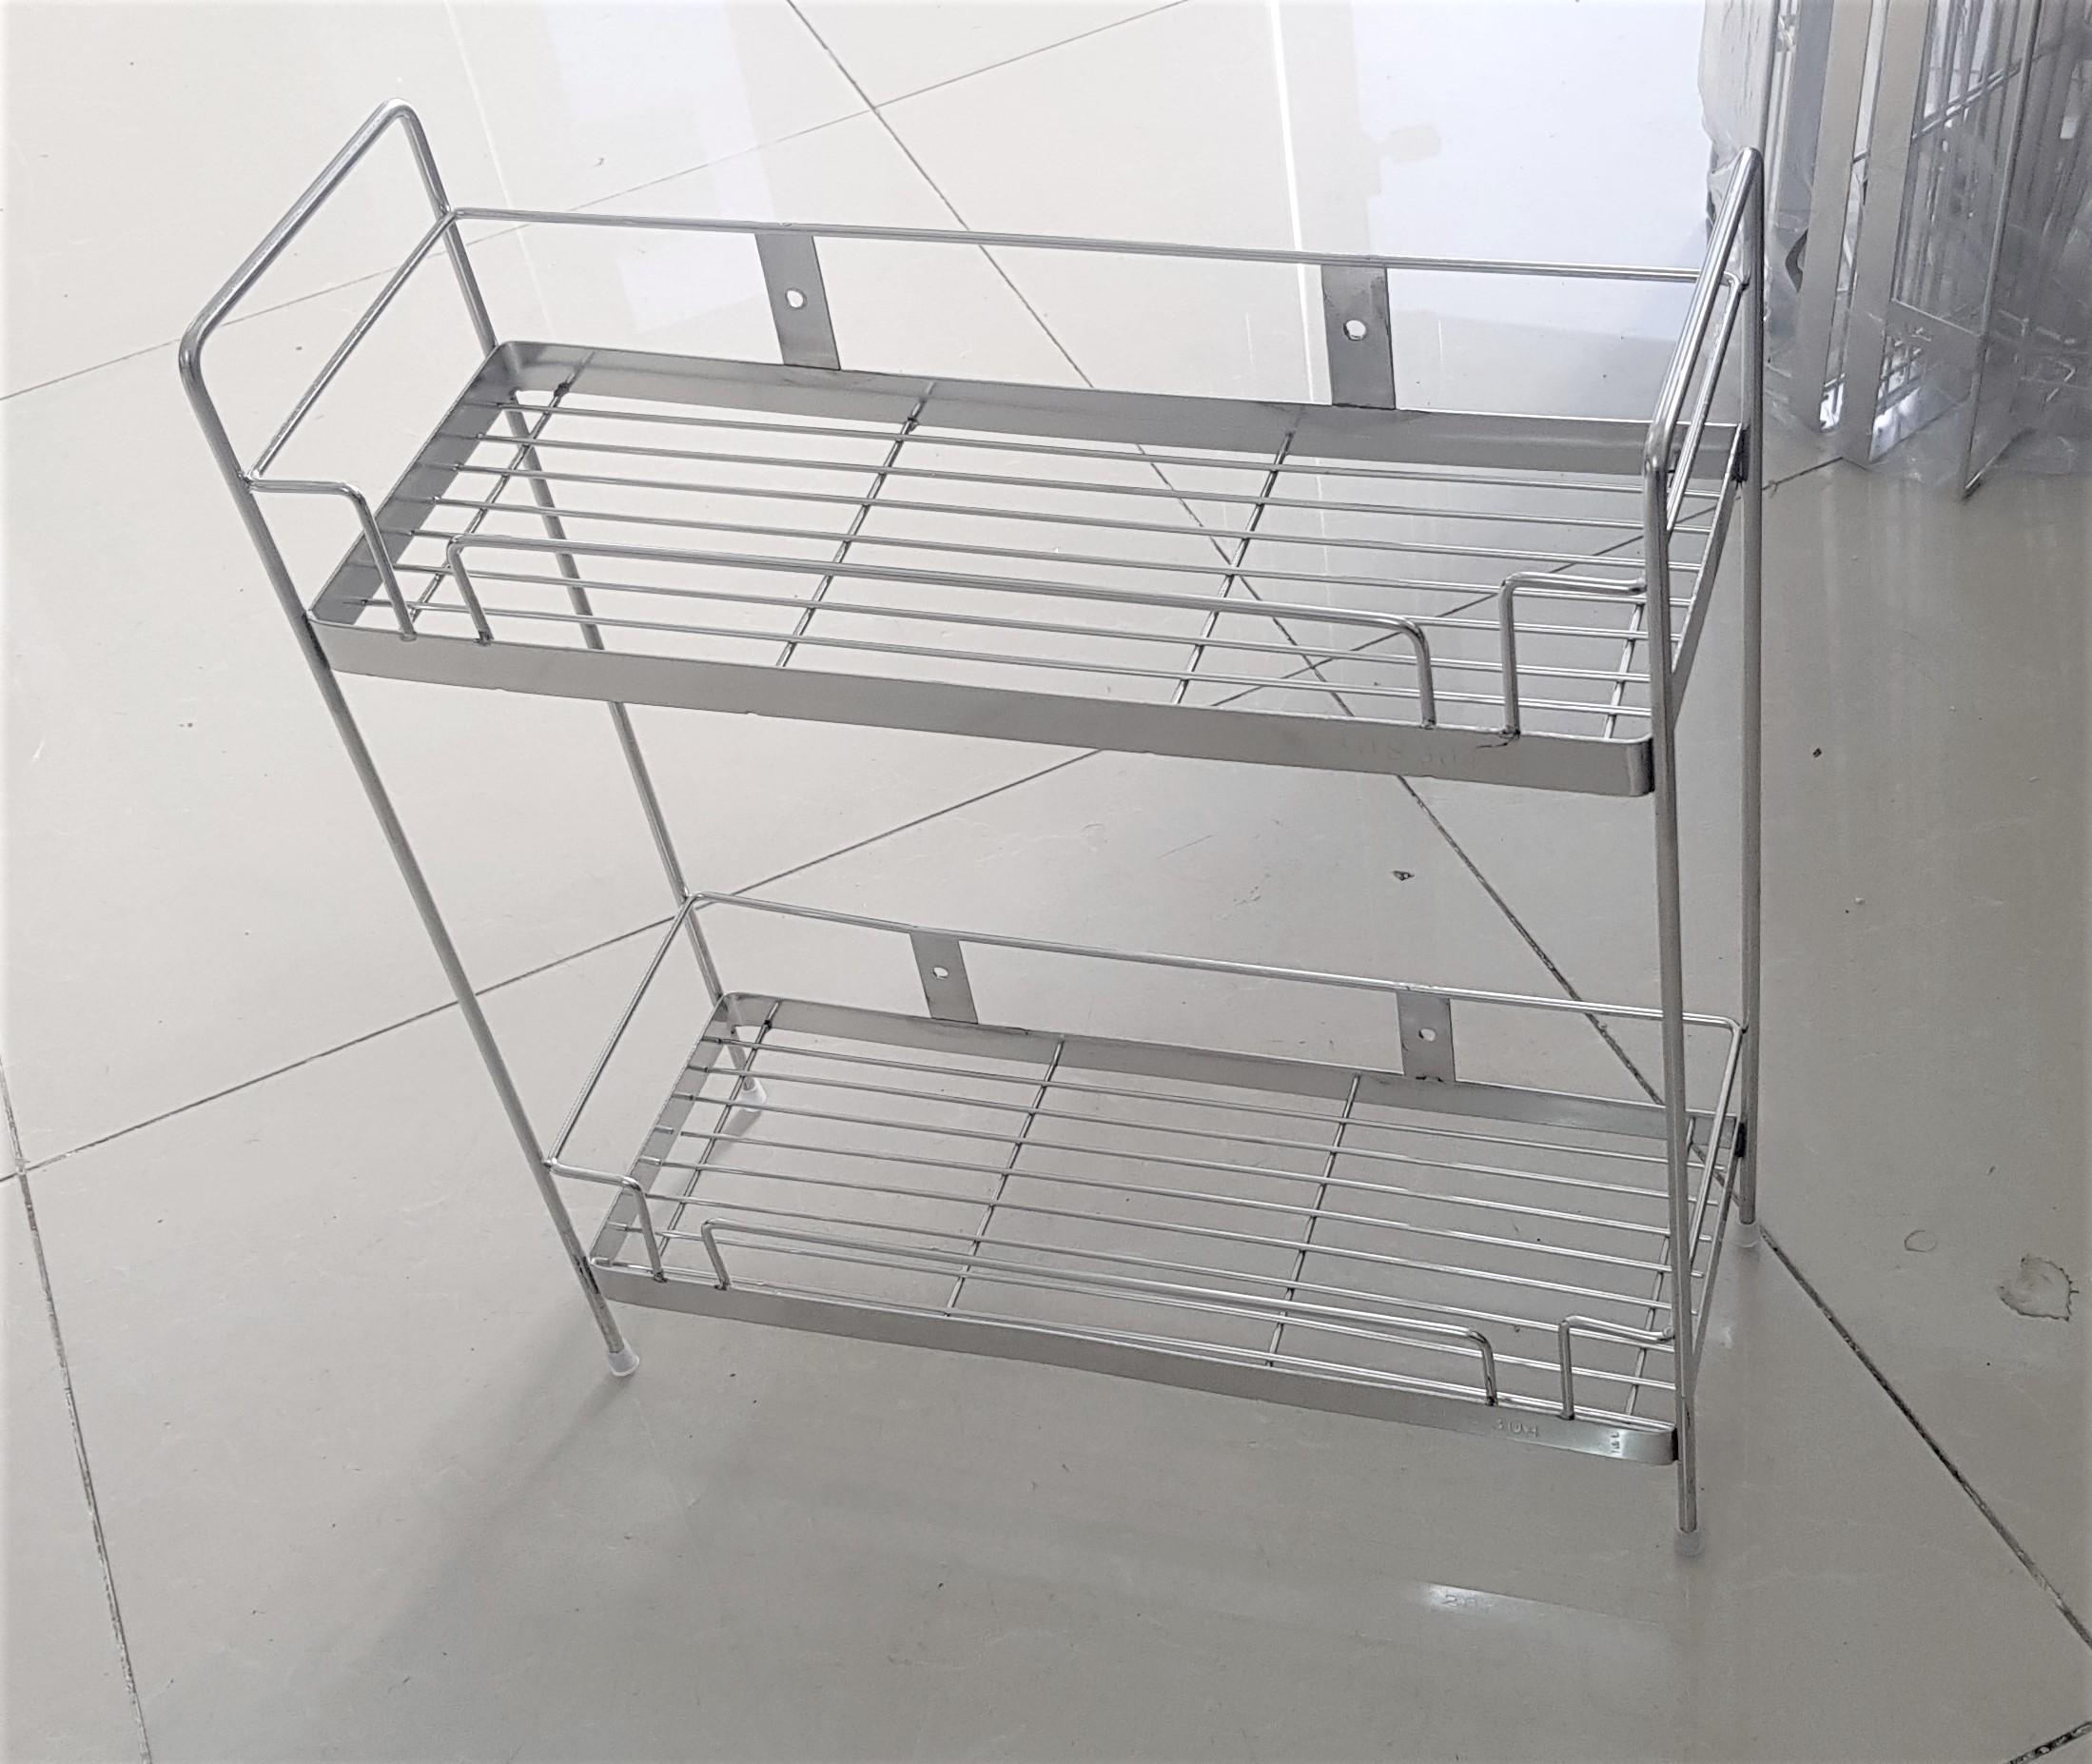 Kệ gia vị 2 tầng chân đứng - INOX 304 - 12x40cm, 12x50cm, 12x60cm